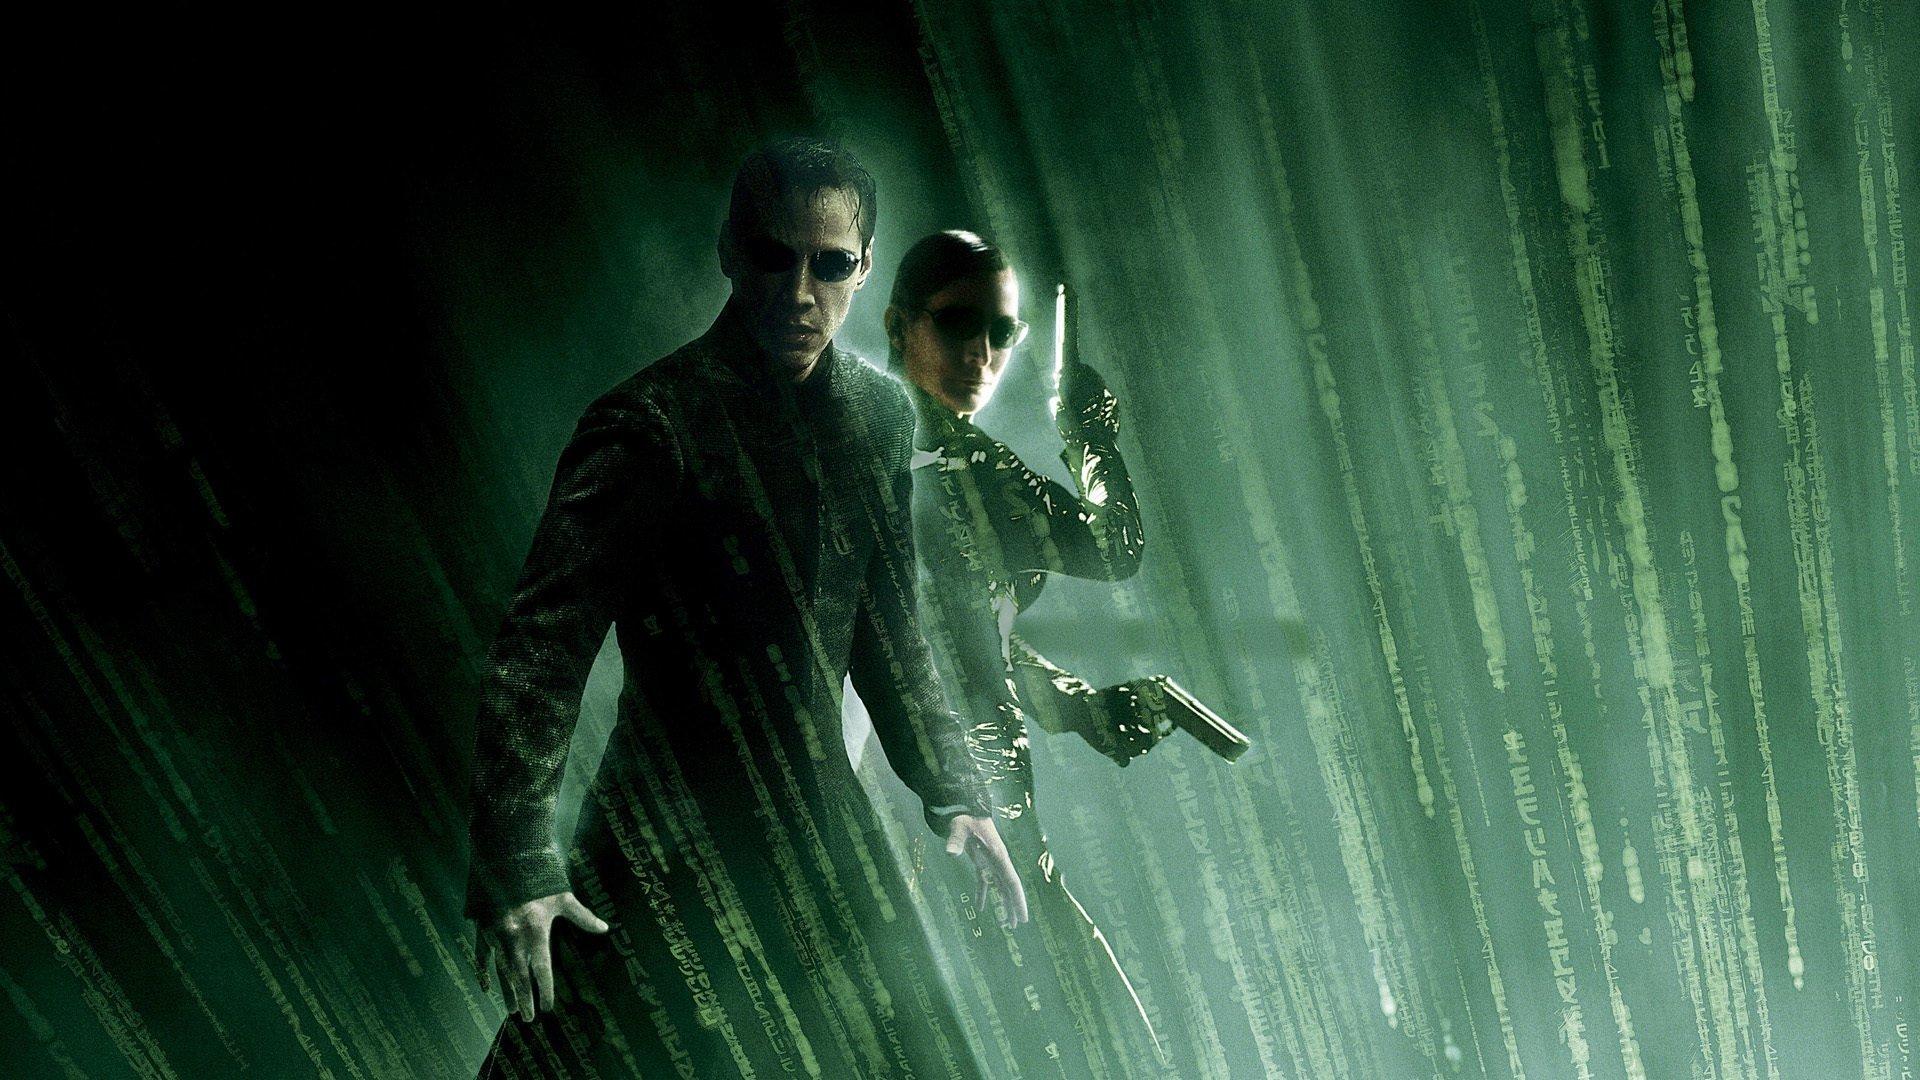 Matrix Wallpaper Download Full